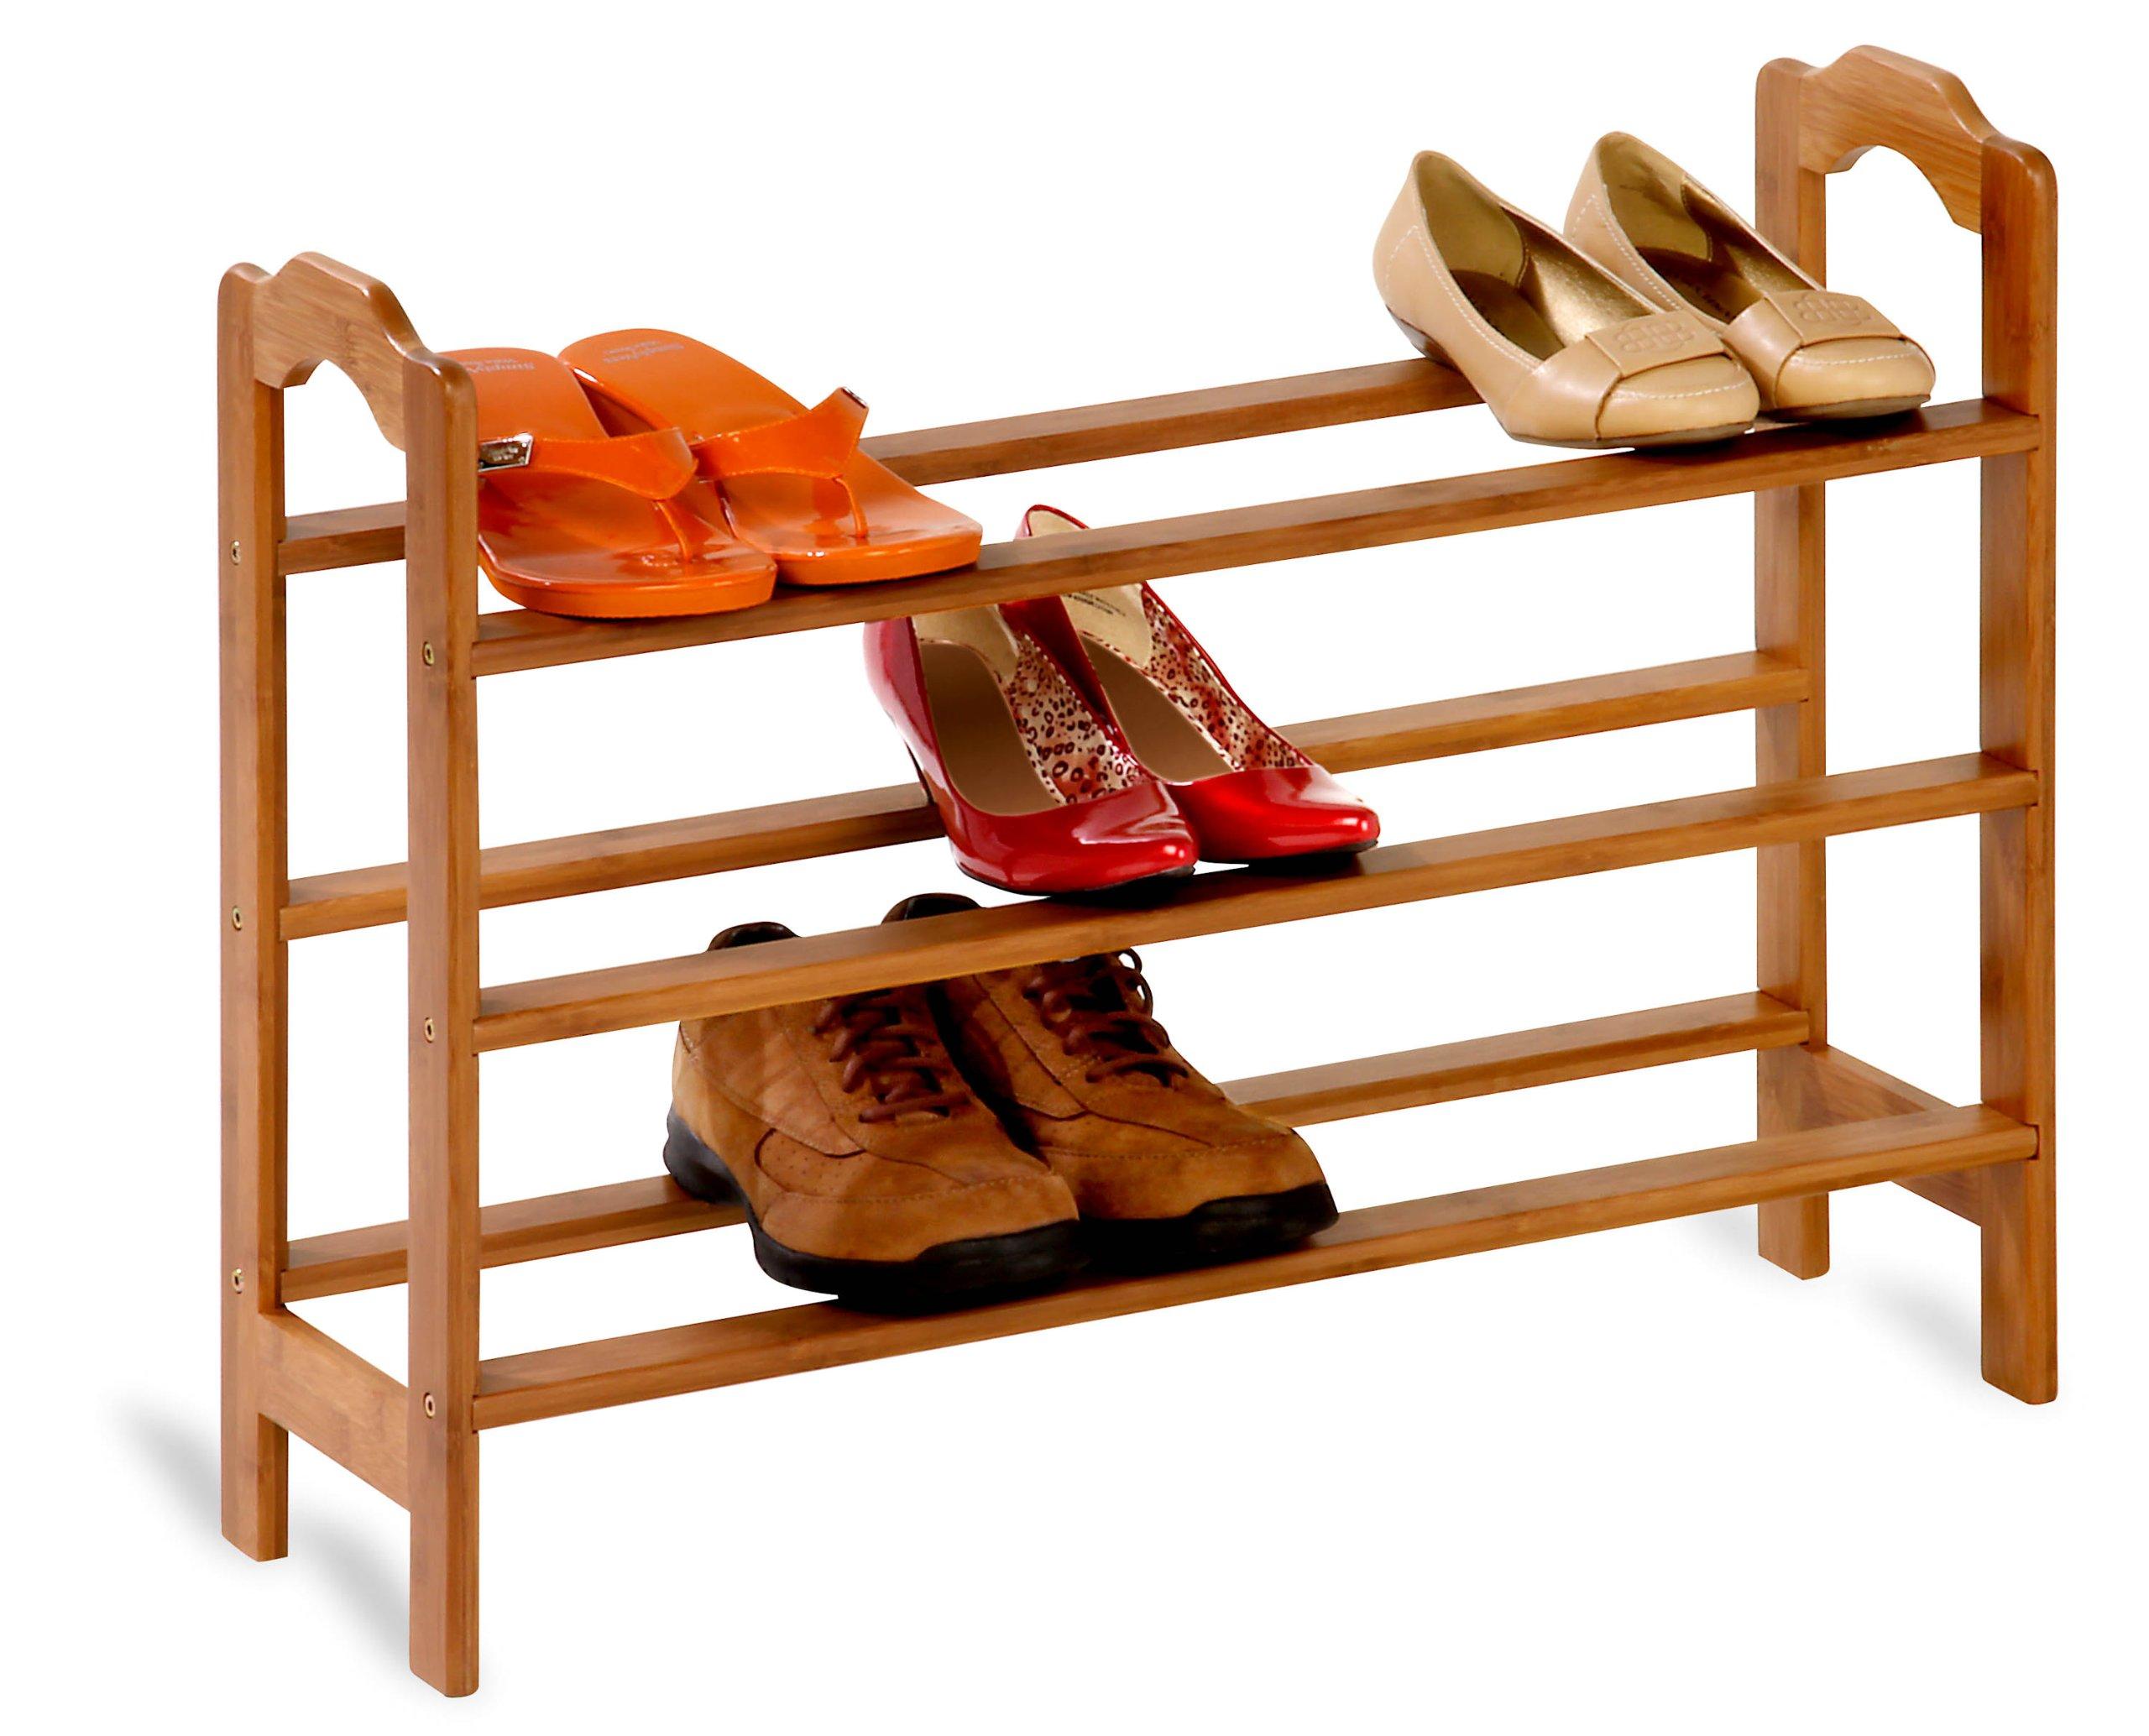 Honey-Can-Do SHO-01601 3-Tier Bamboo Shoe Rack